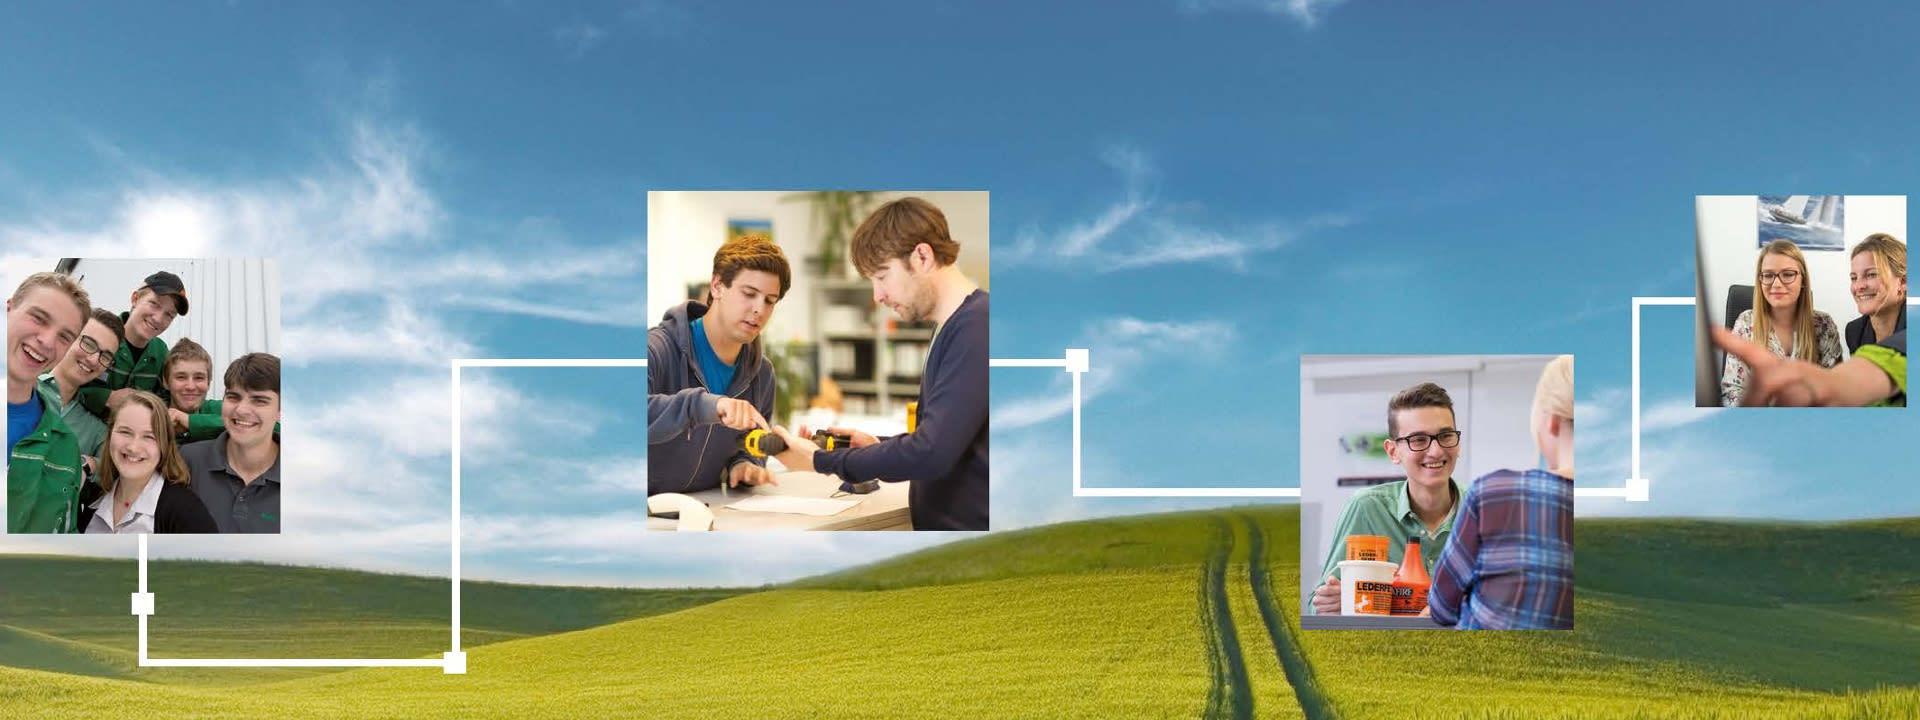 Keyvisual BayWa Ausbildung: Himmel unf Felder als Hintergrundbild, darauf verschiedene kleine Bilder mit Auszubildenden